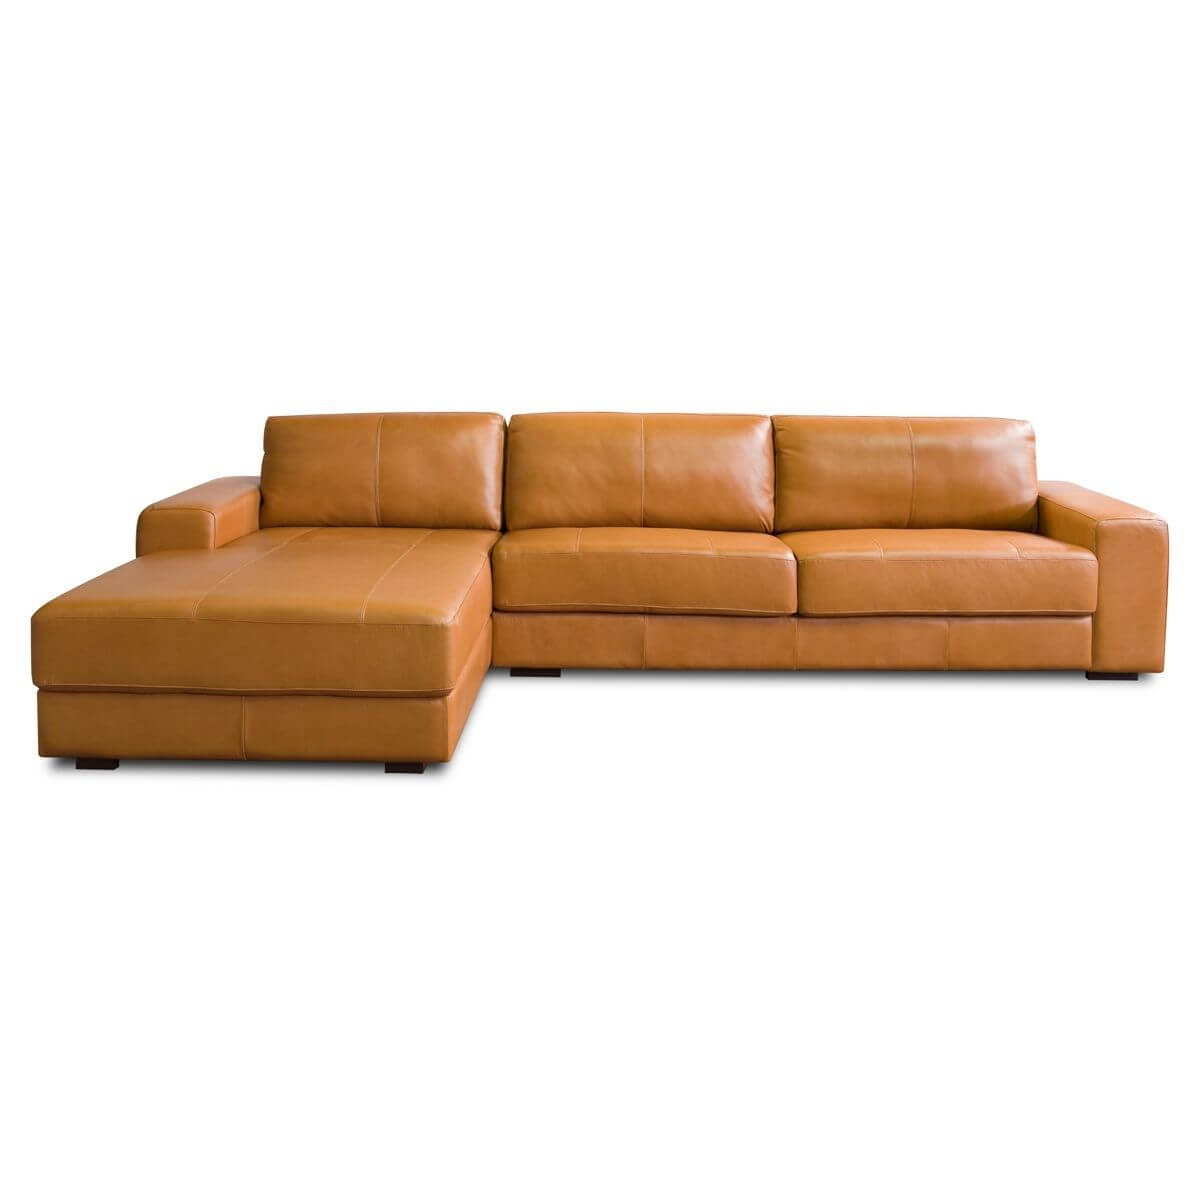 Sofá Chaise de Couro 3 Lugares 320cm Canadá LD  - Formato Móveis e Decorações